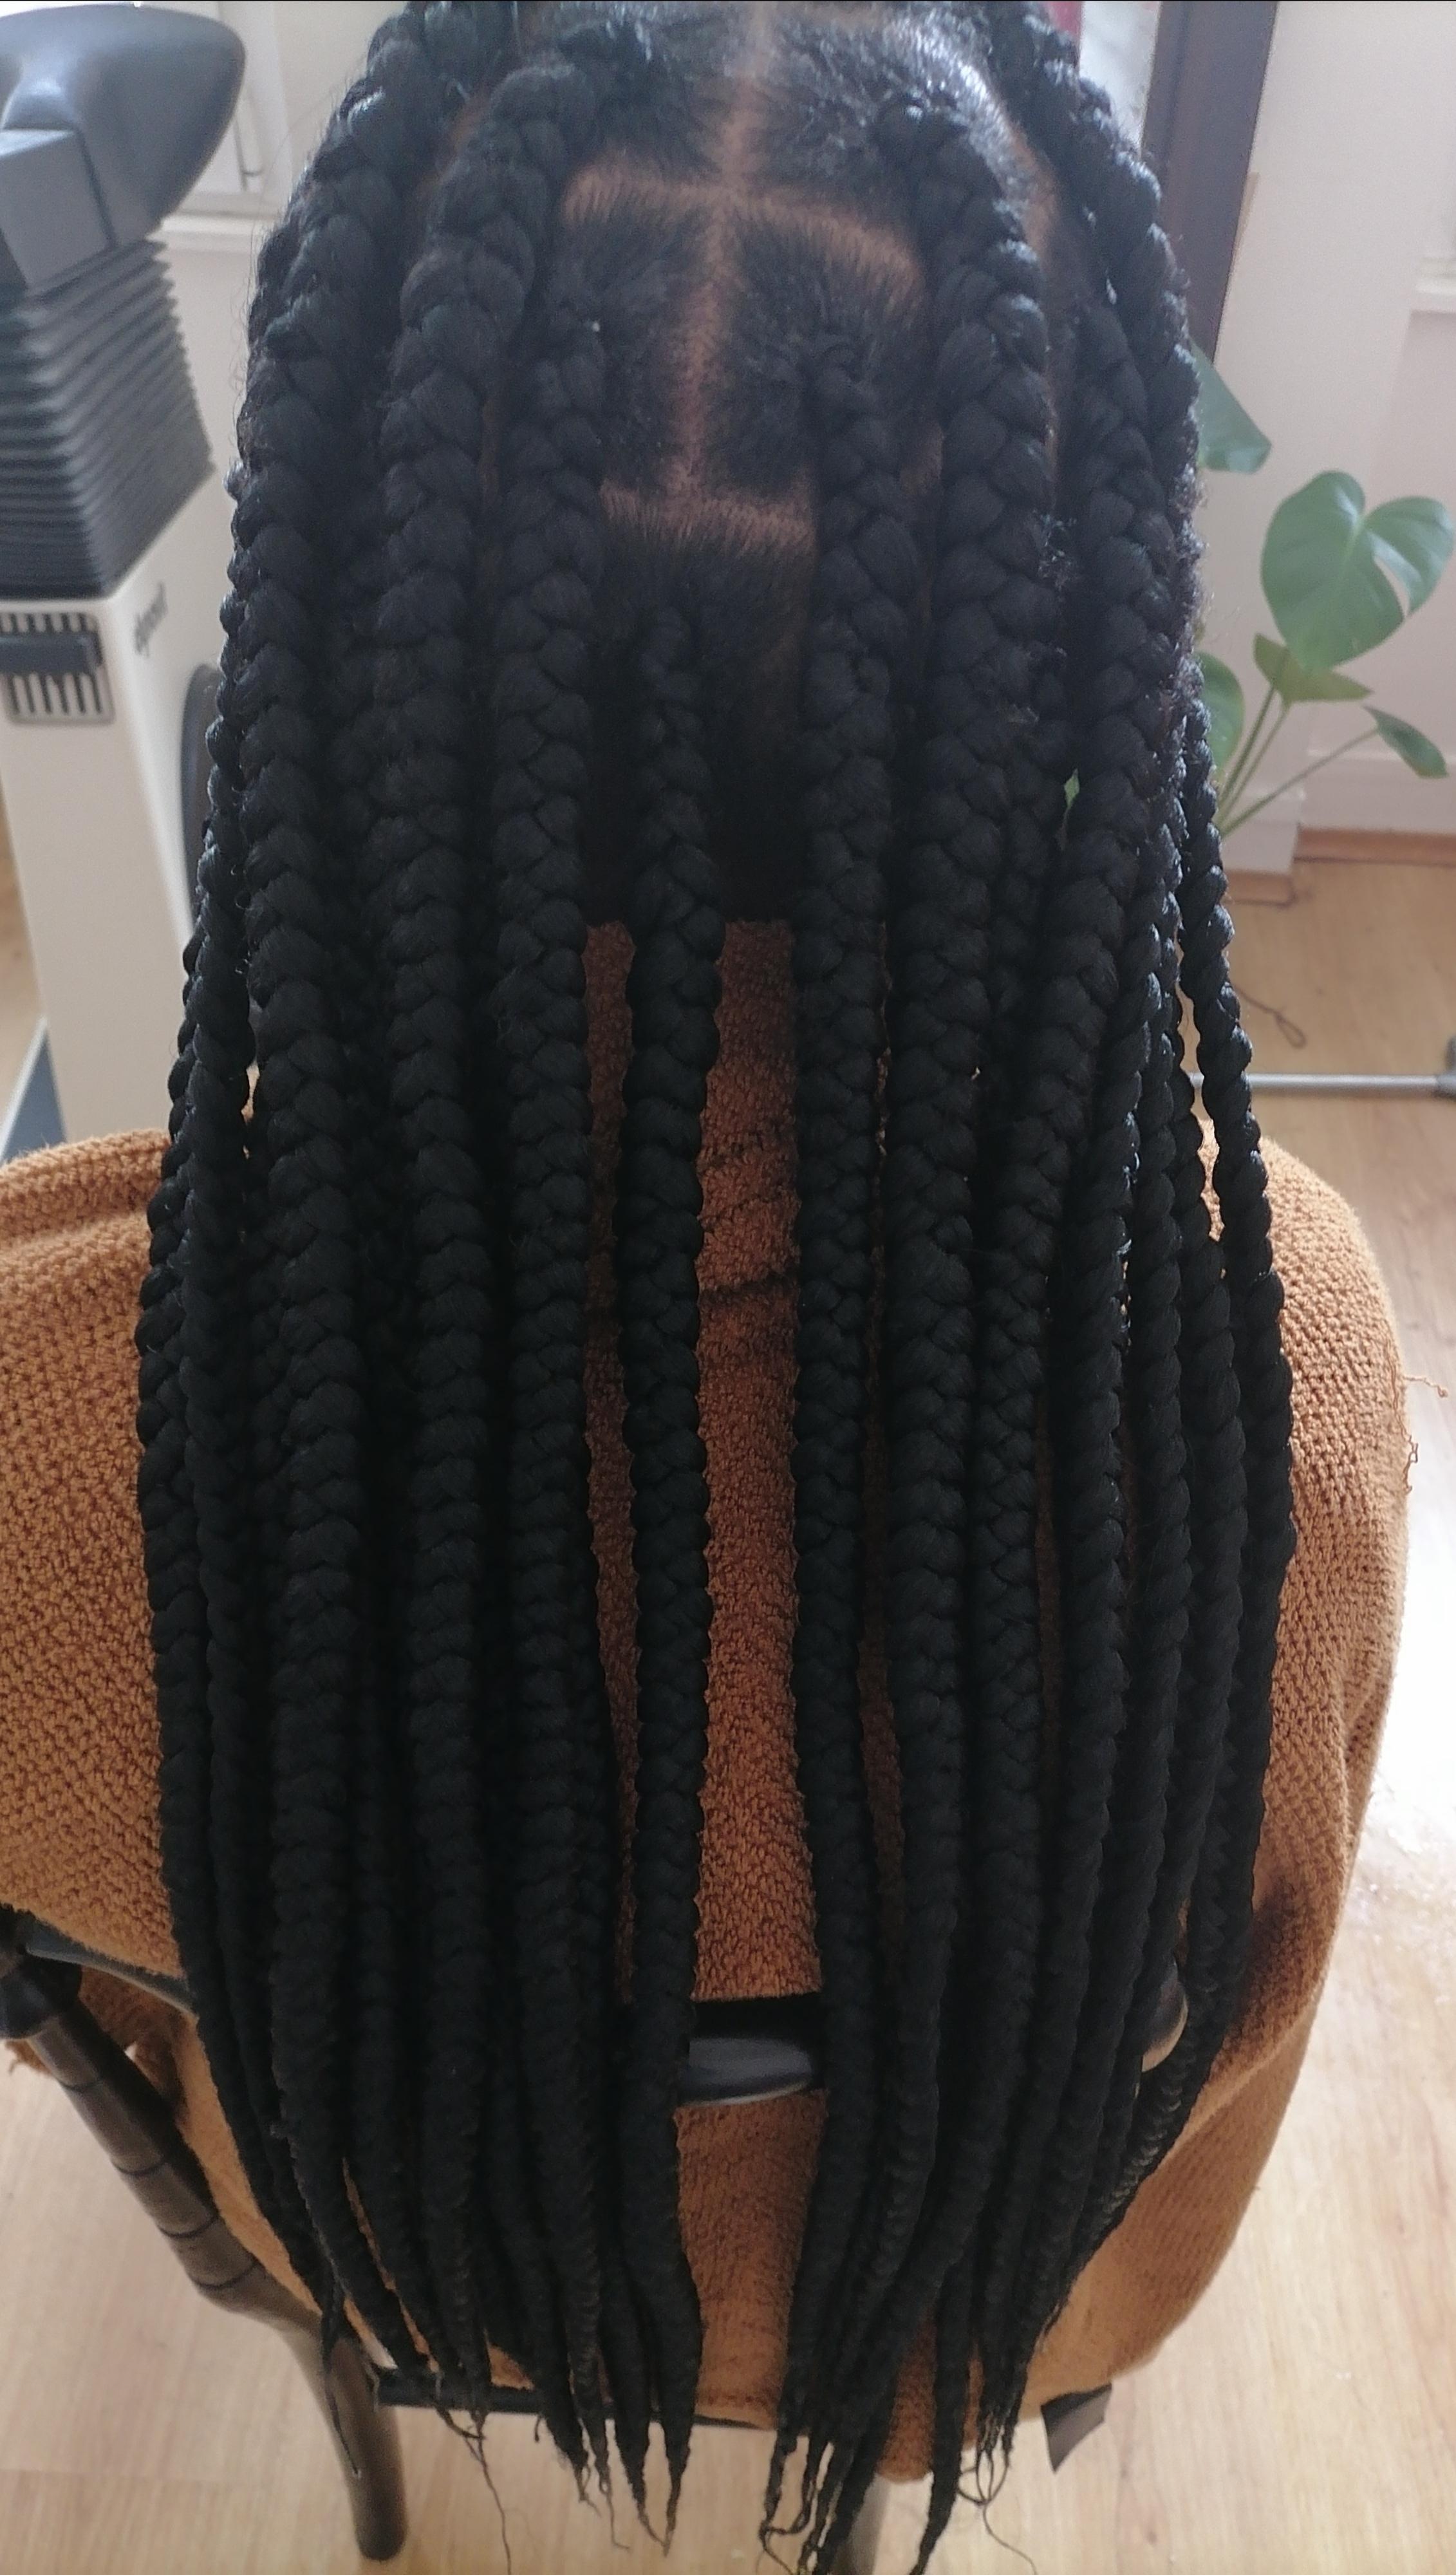 salon de coiffure afro tresse tresses box braids crochet braids vanilles tissages paris 75 77 78 91 92 93 94 95 XQAKRPSI